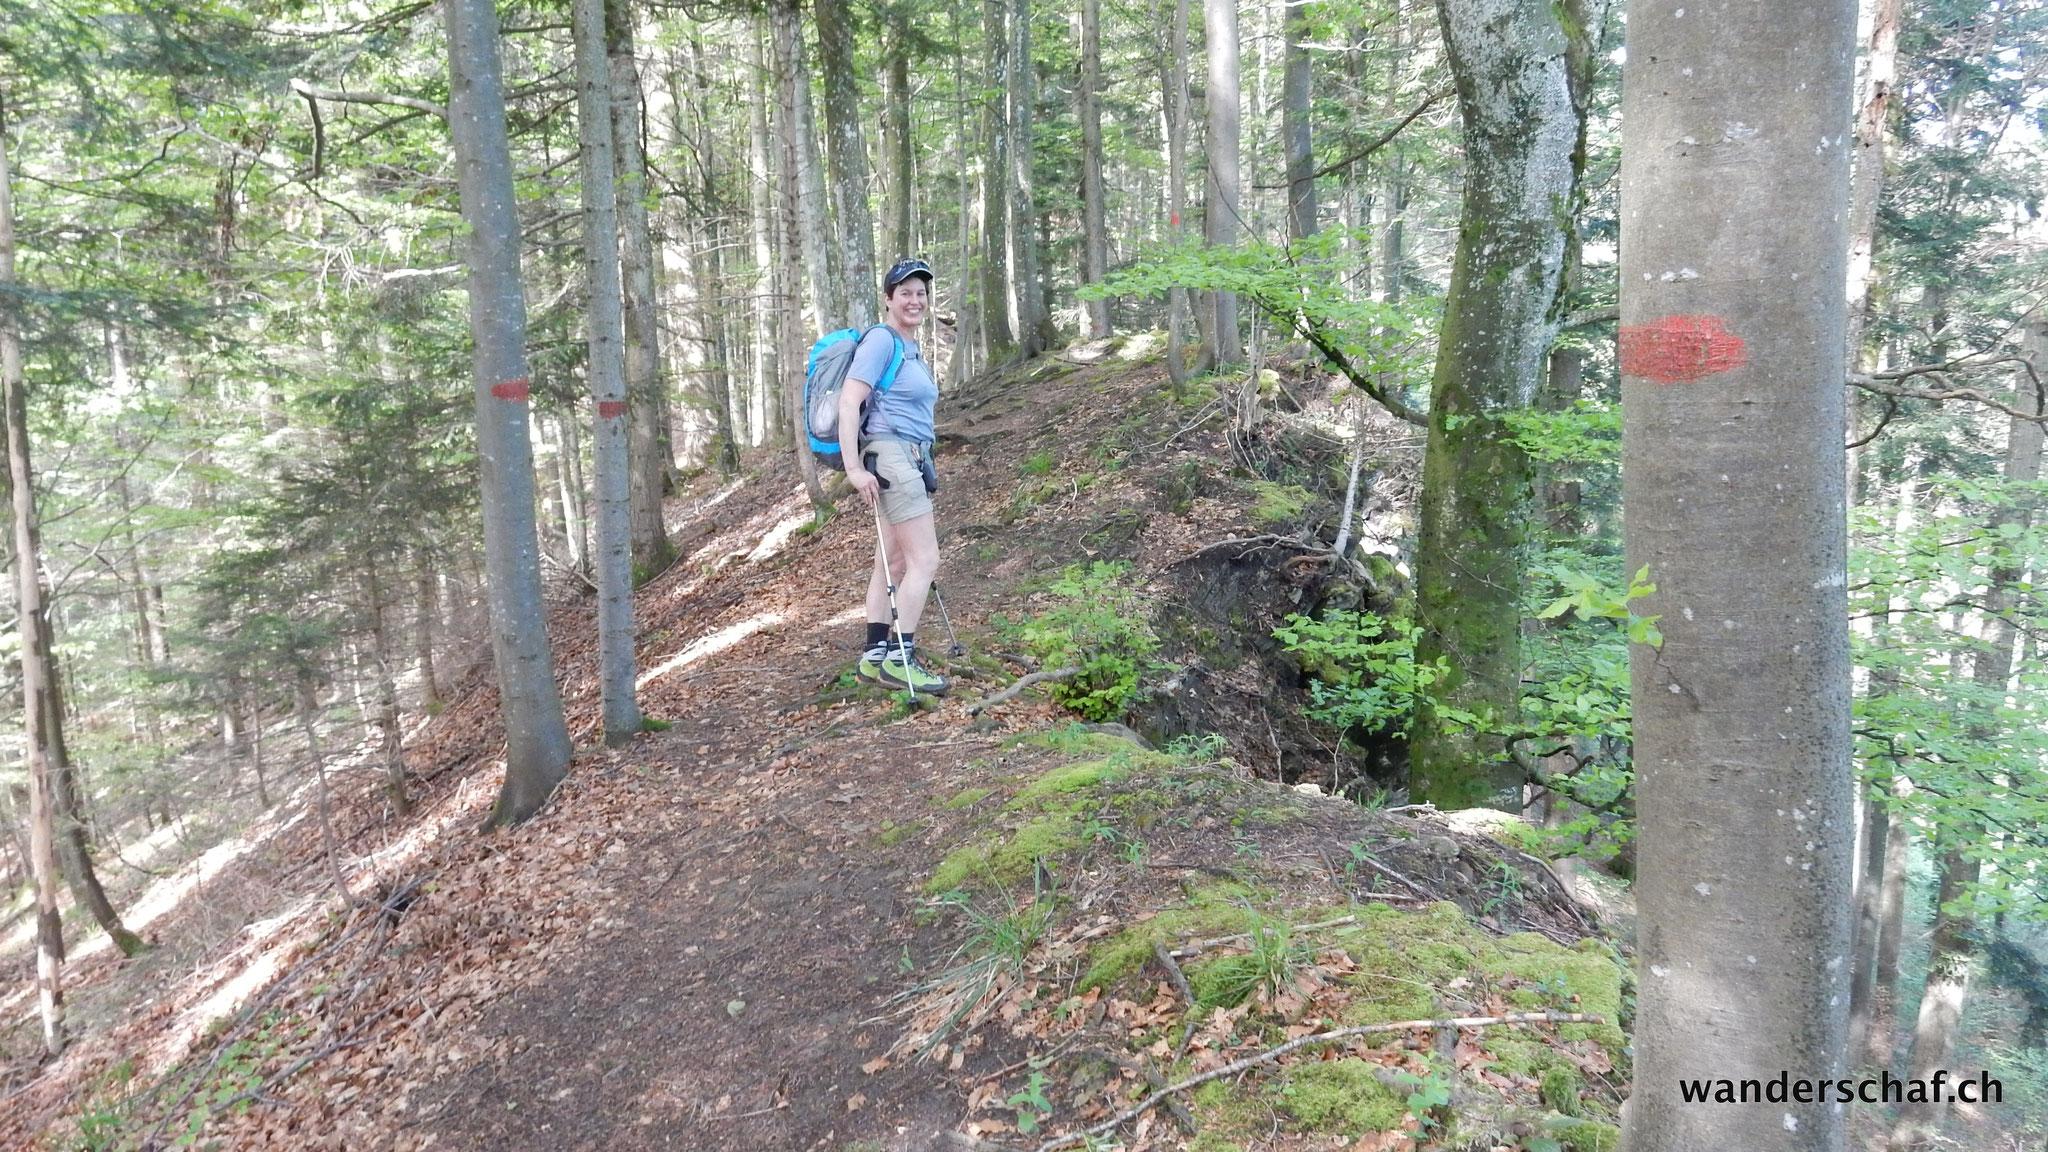 schöner Aufstieg auf dem Grat durch den Langwald....ein Geheimtipp bei Einheimischen und wir haben's per Zufall gefunden